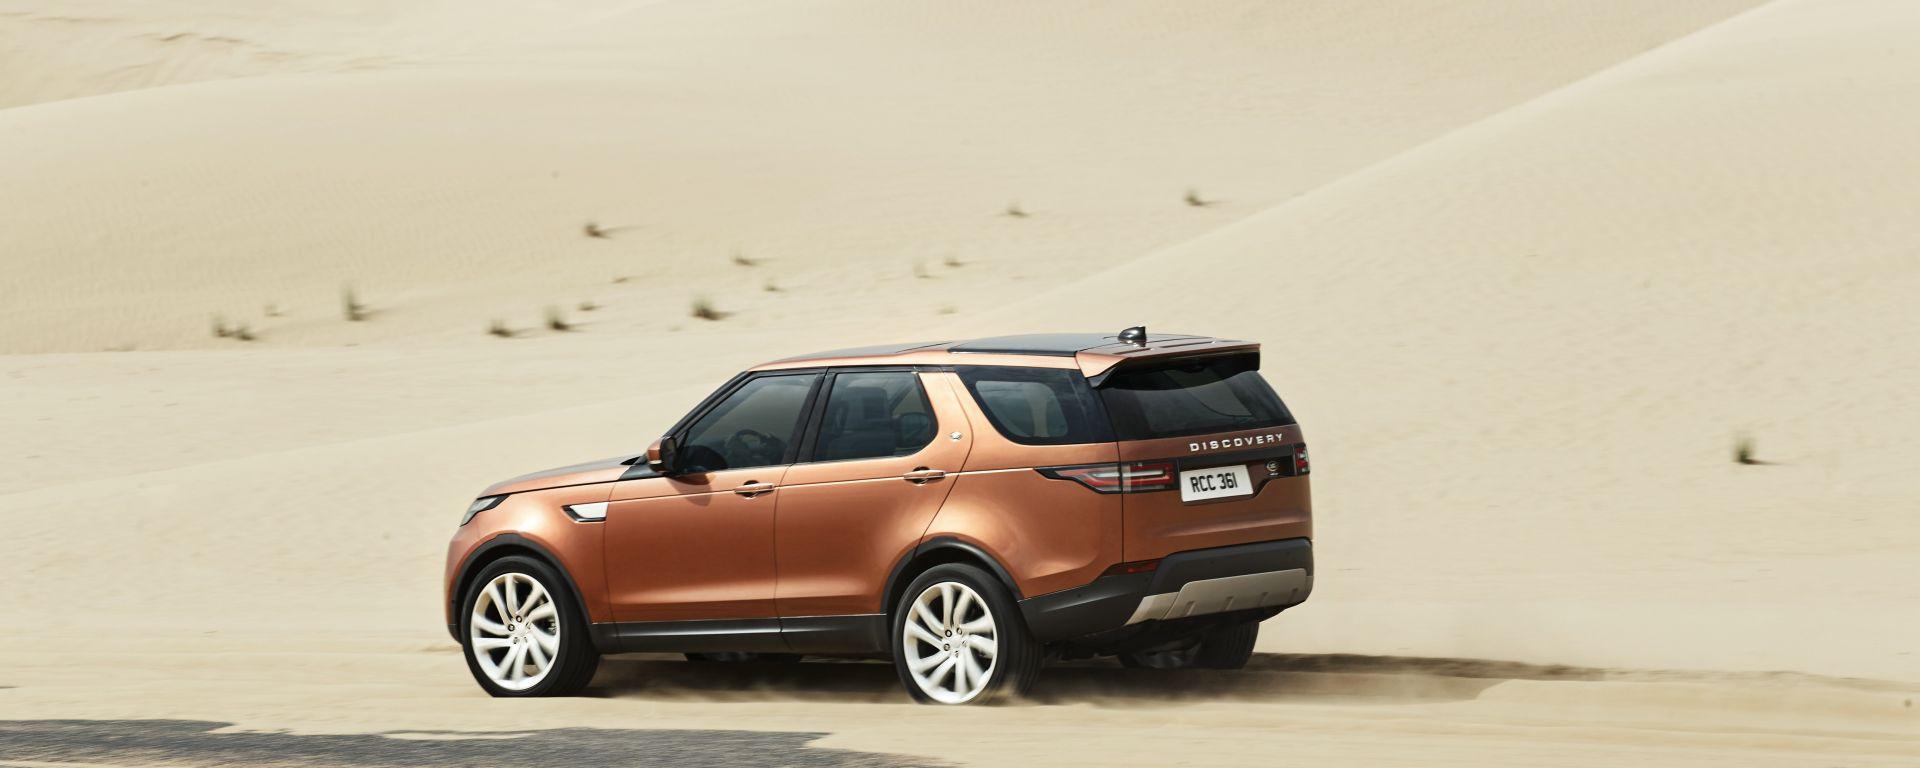 Land Rover Discovery 2017, malgrado il look cittadino è un fuoristrada doc